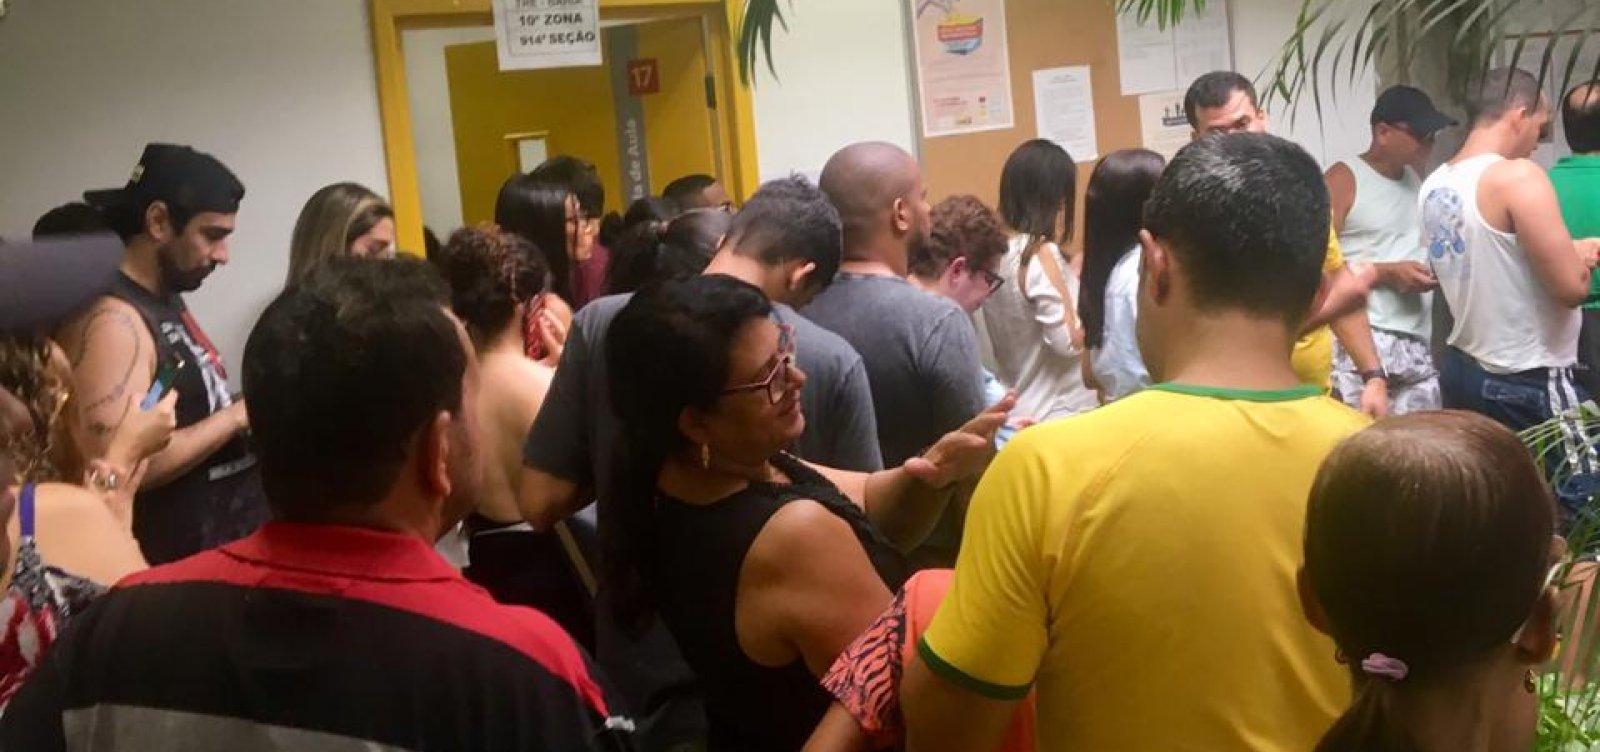 [Baianos esperam até quatro horas para votar em Salvador ]